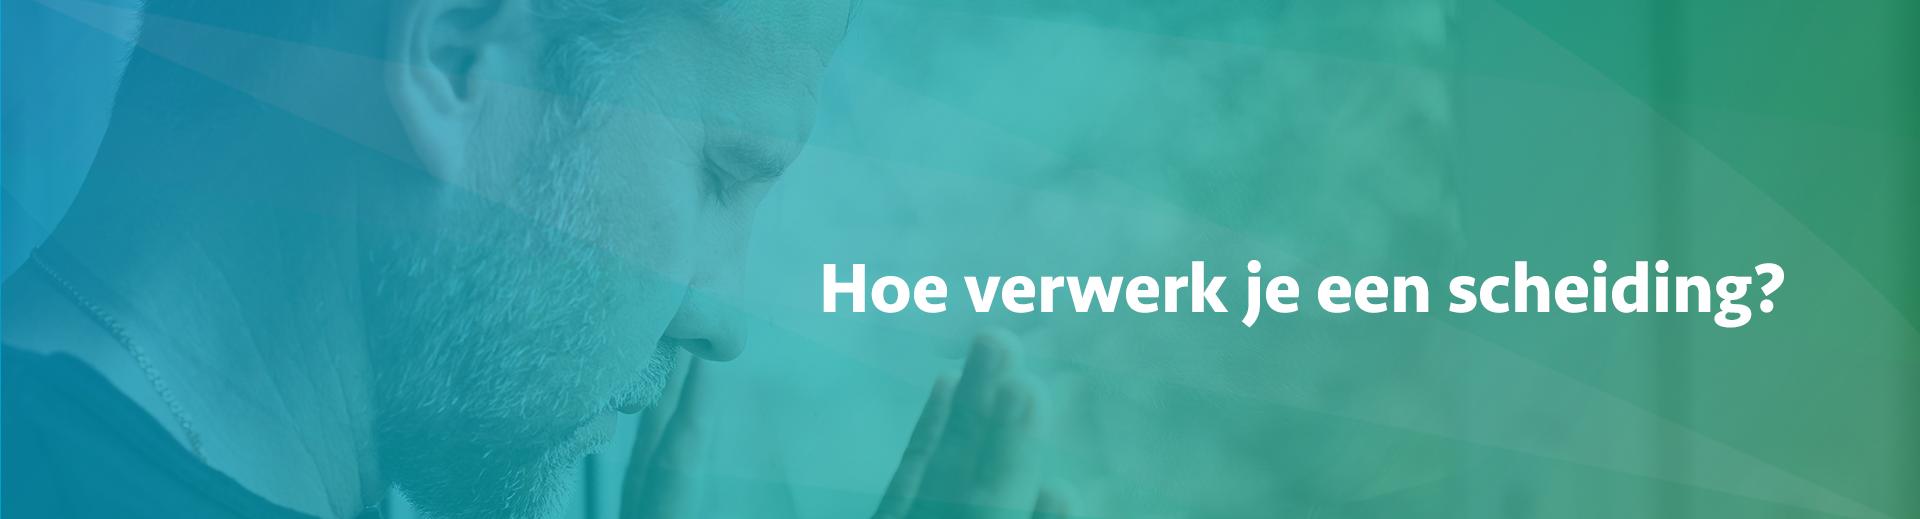 hoe verwerk je een scheiding - Scheidingsplanner Maastricht - Heerlen - Gulpen